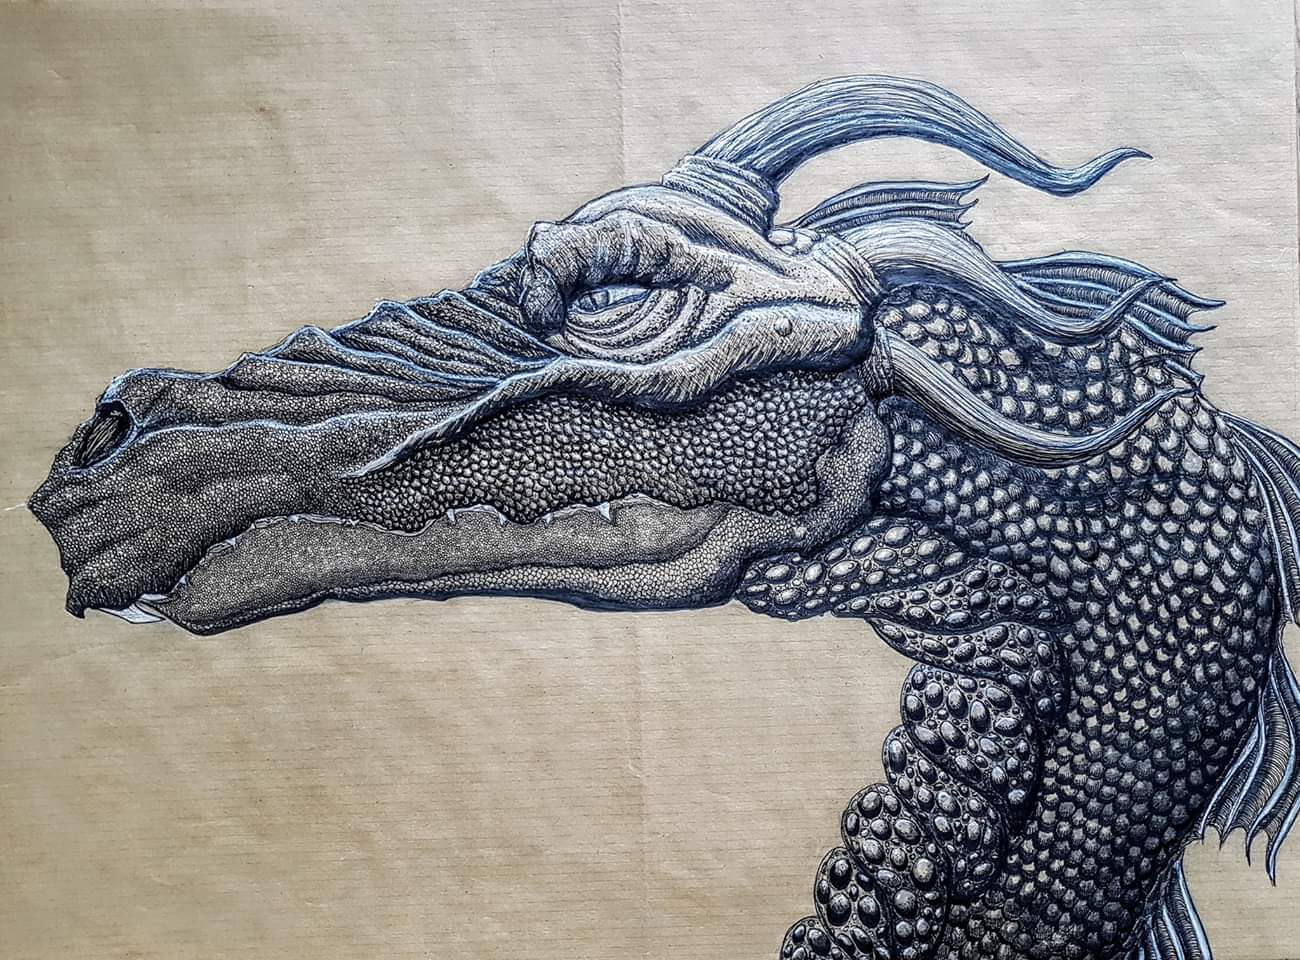 Drachenzeichnung